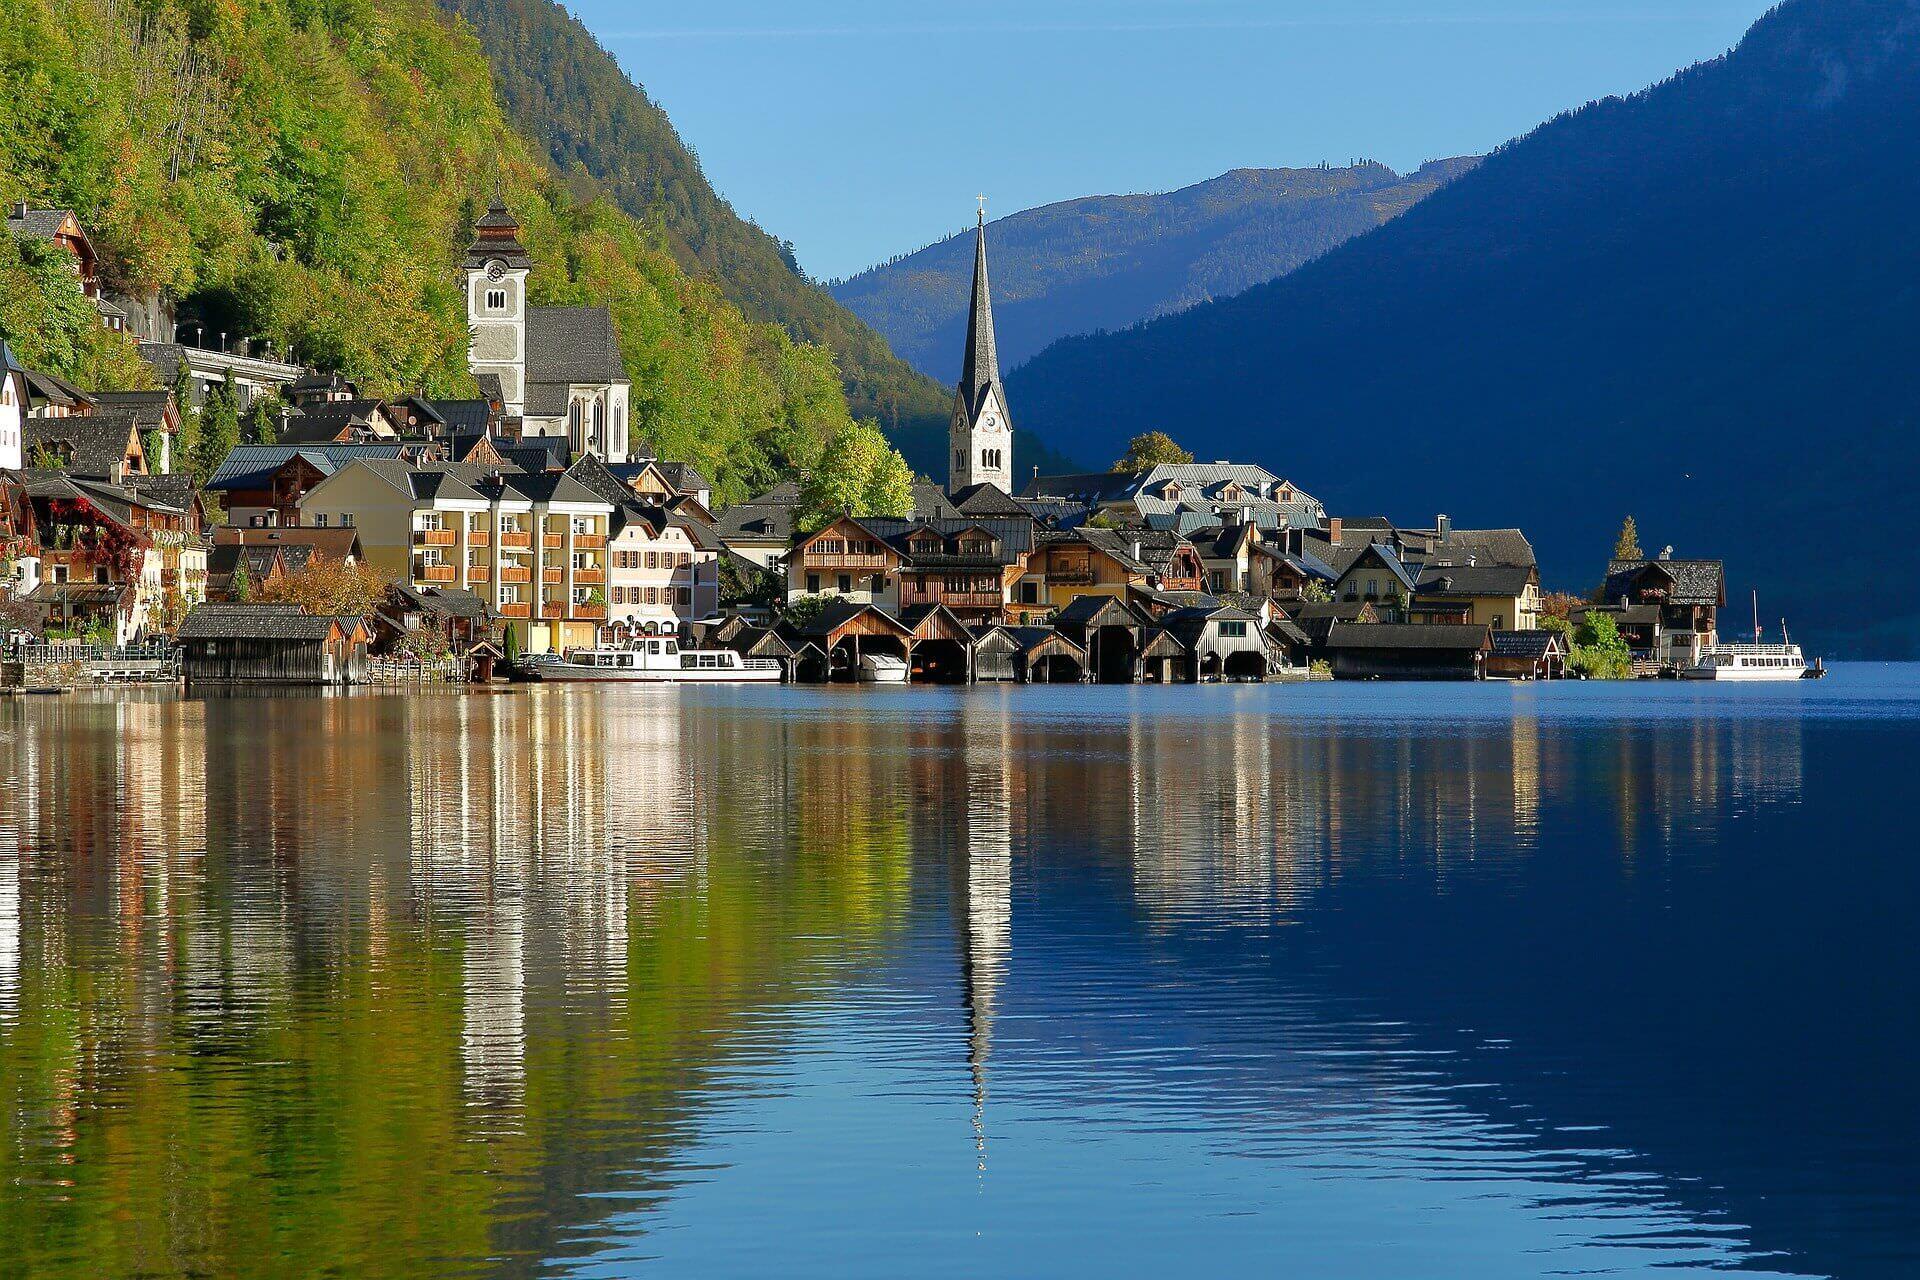 أجمل المدن والقرى المطلة على البحيرات في أوروبا